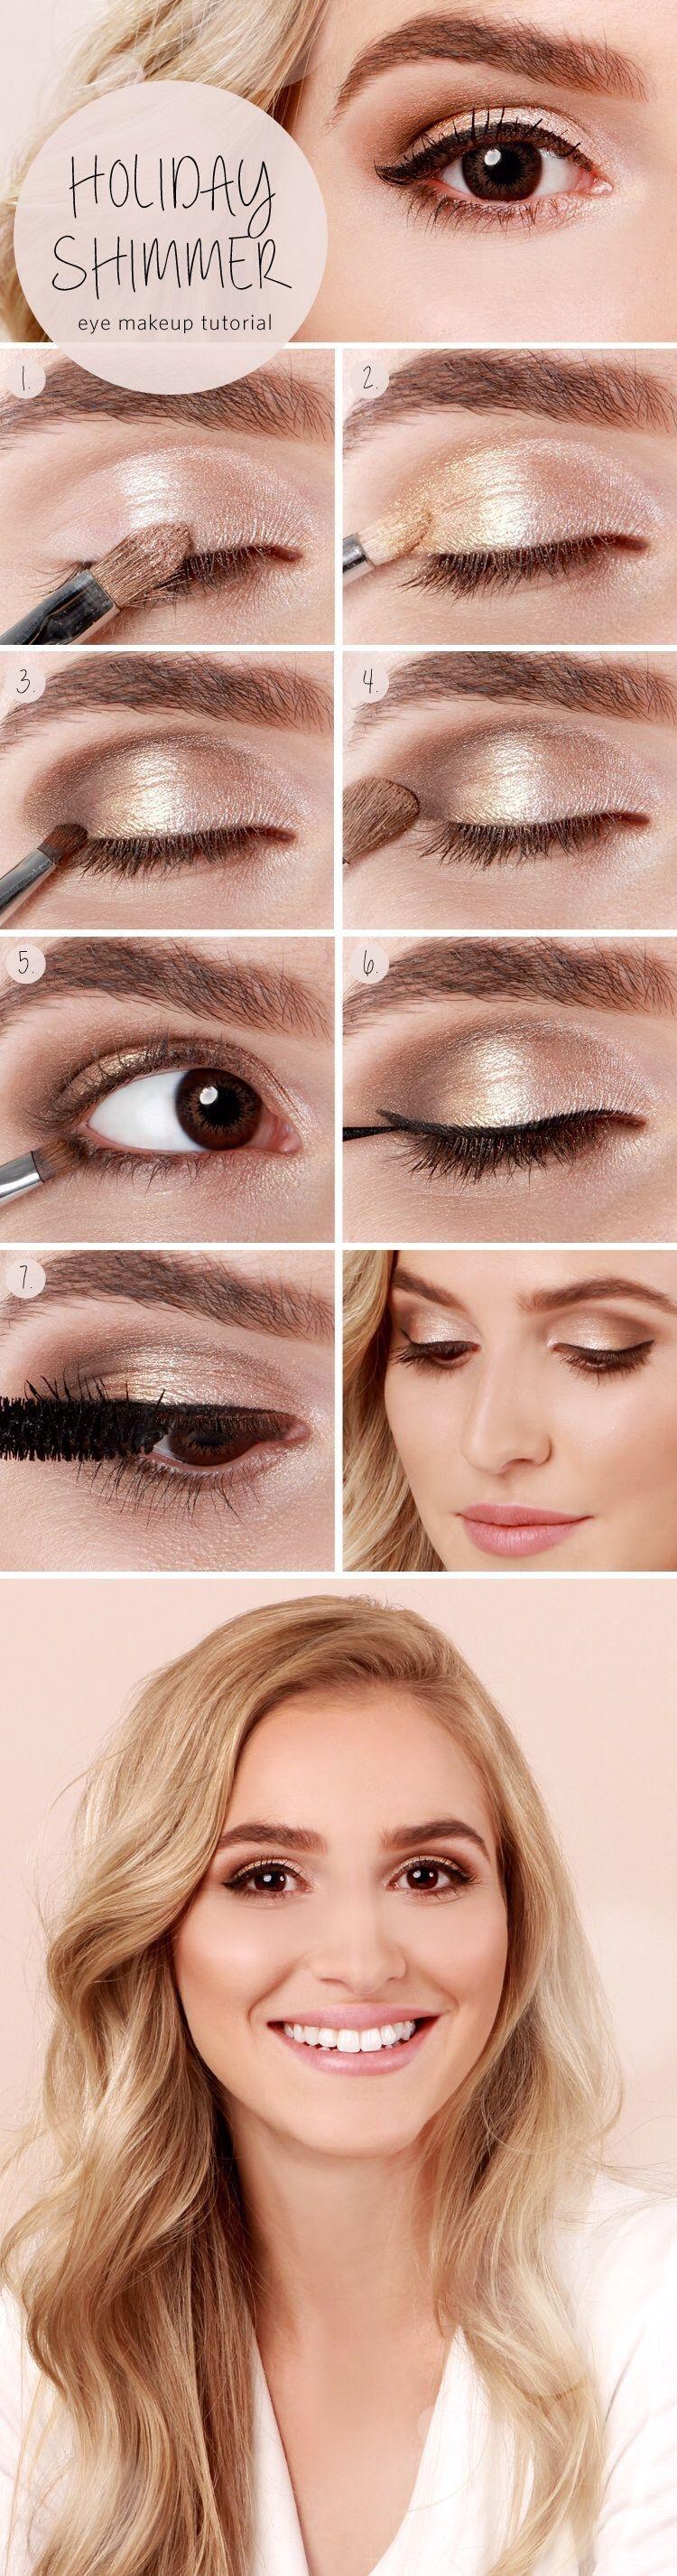 Pin von Marisa auf Makeup